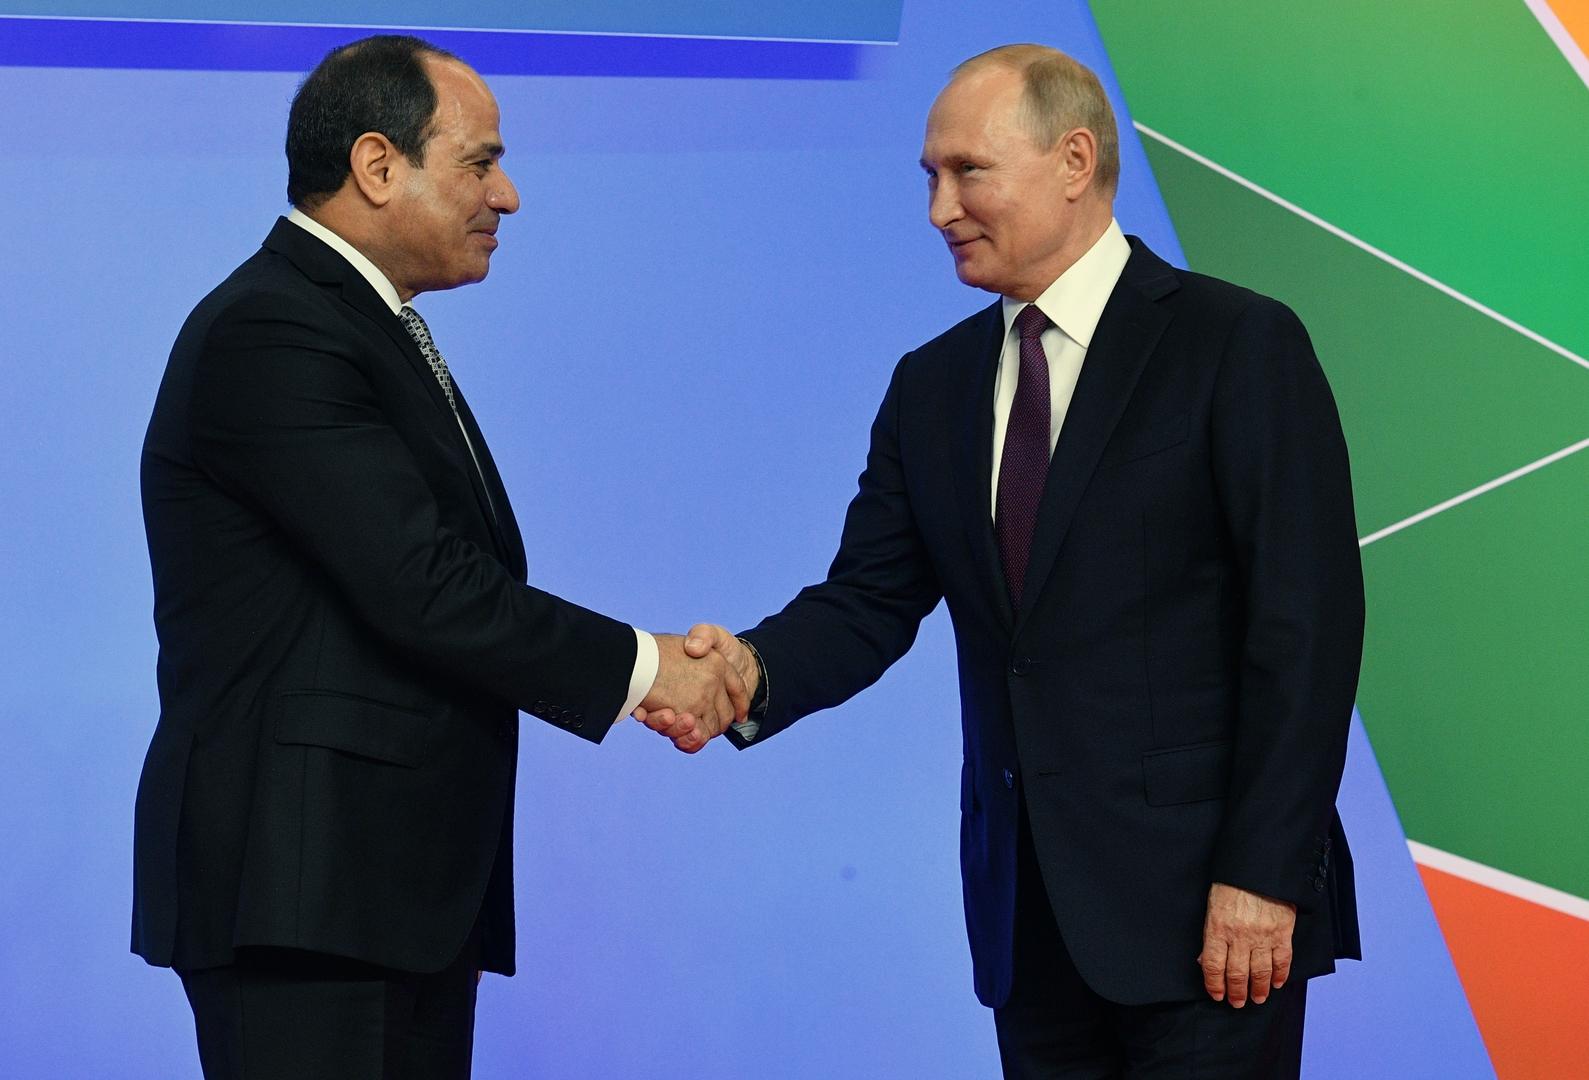 روسيا تبدأ شحن أكبر صفقة من نوعها في تاريخ مصر (صور)